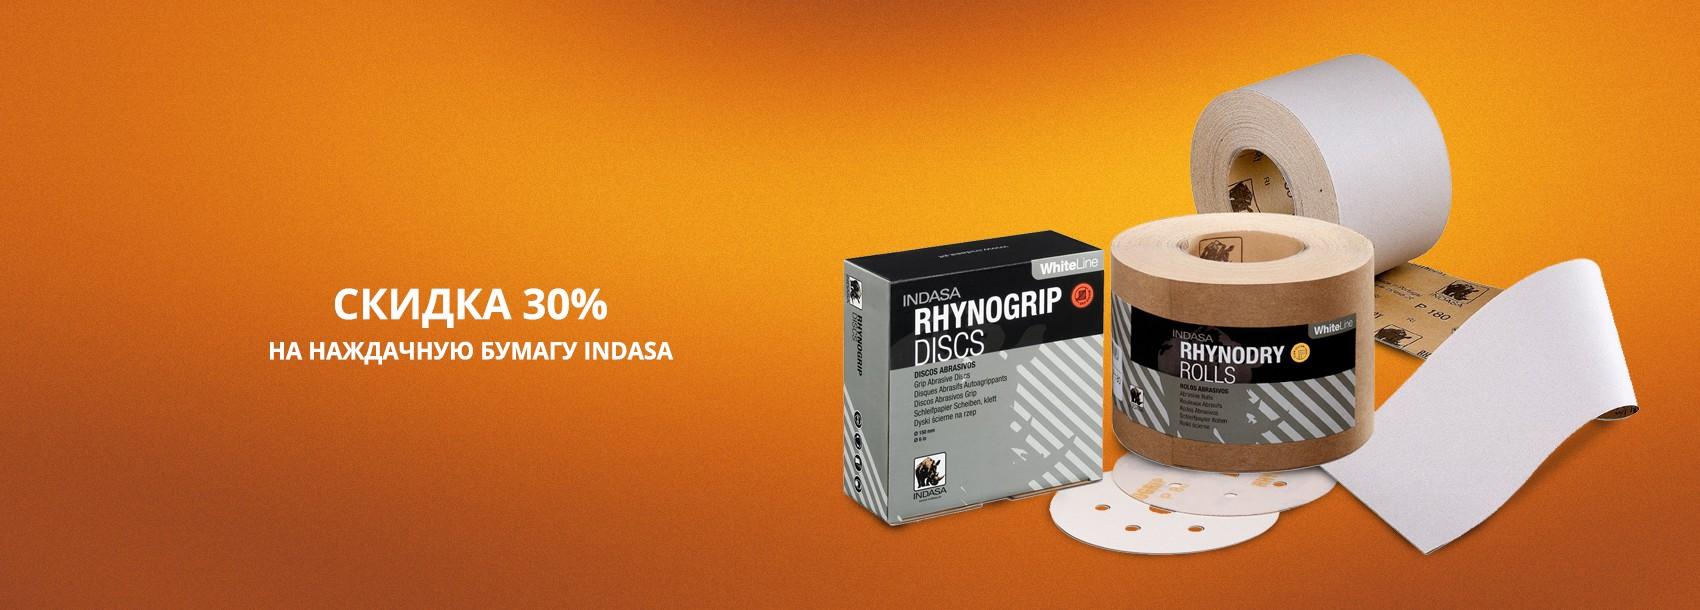 Скидка 30% на наждачную бумагу Indasa